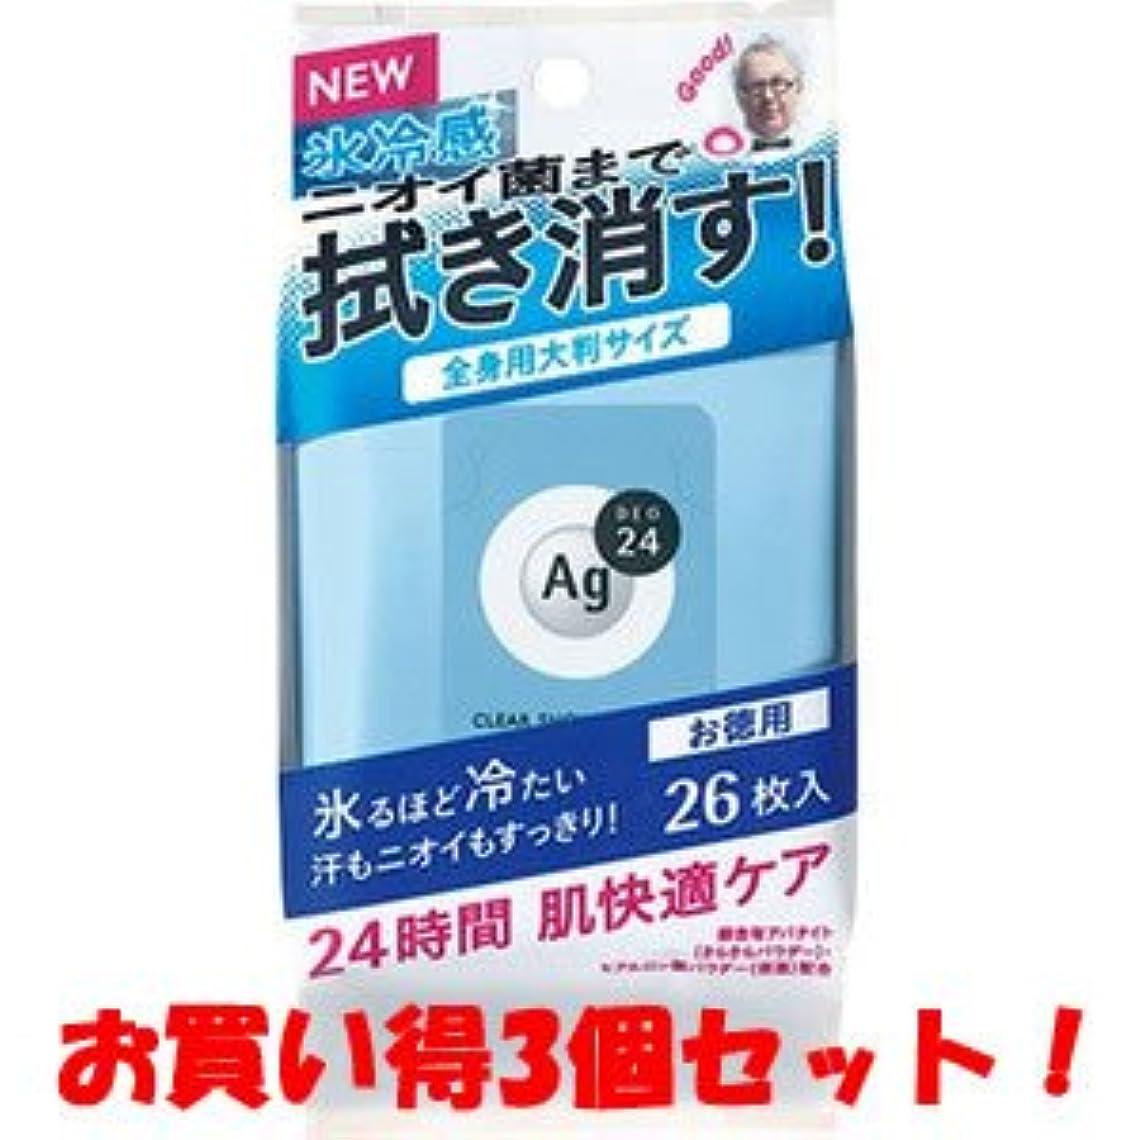 不名誉ファイアルマカダム(資生堂)Agデオ24 クリアシャワー ラージシートNa(クール) 無香料 26枚入(お買い得3個セット)